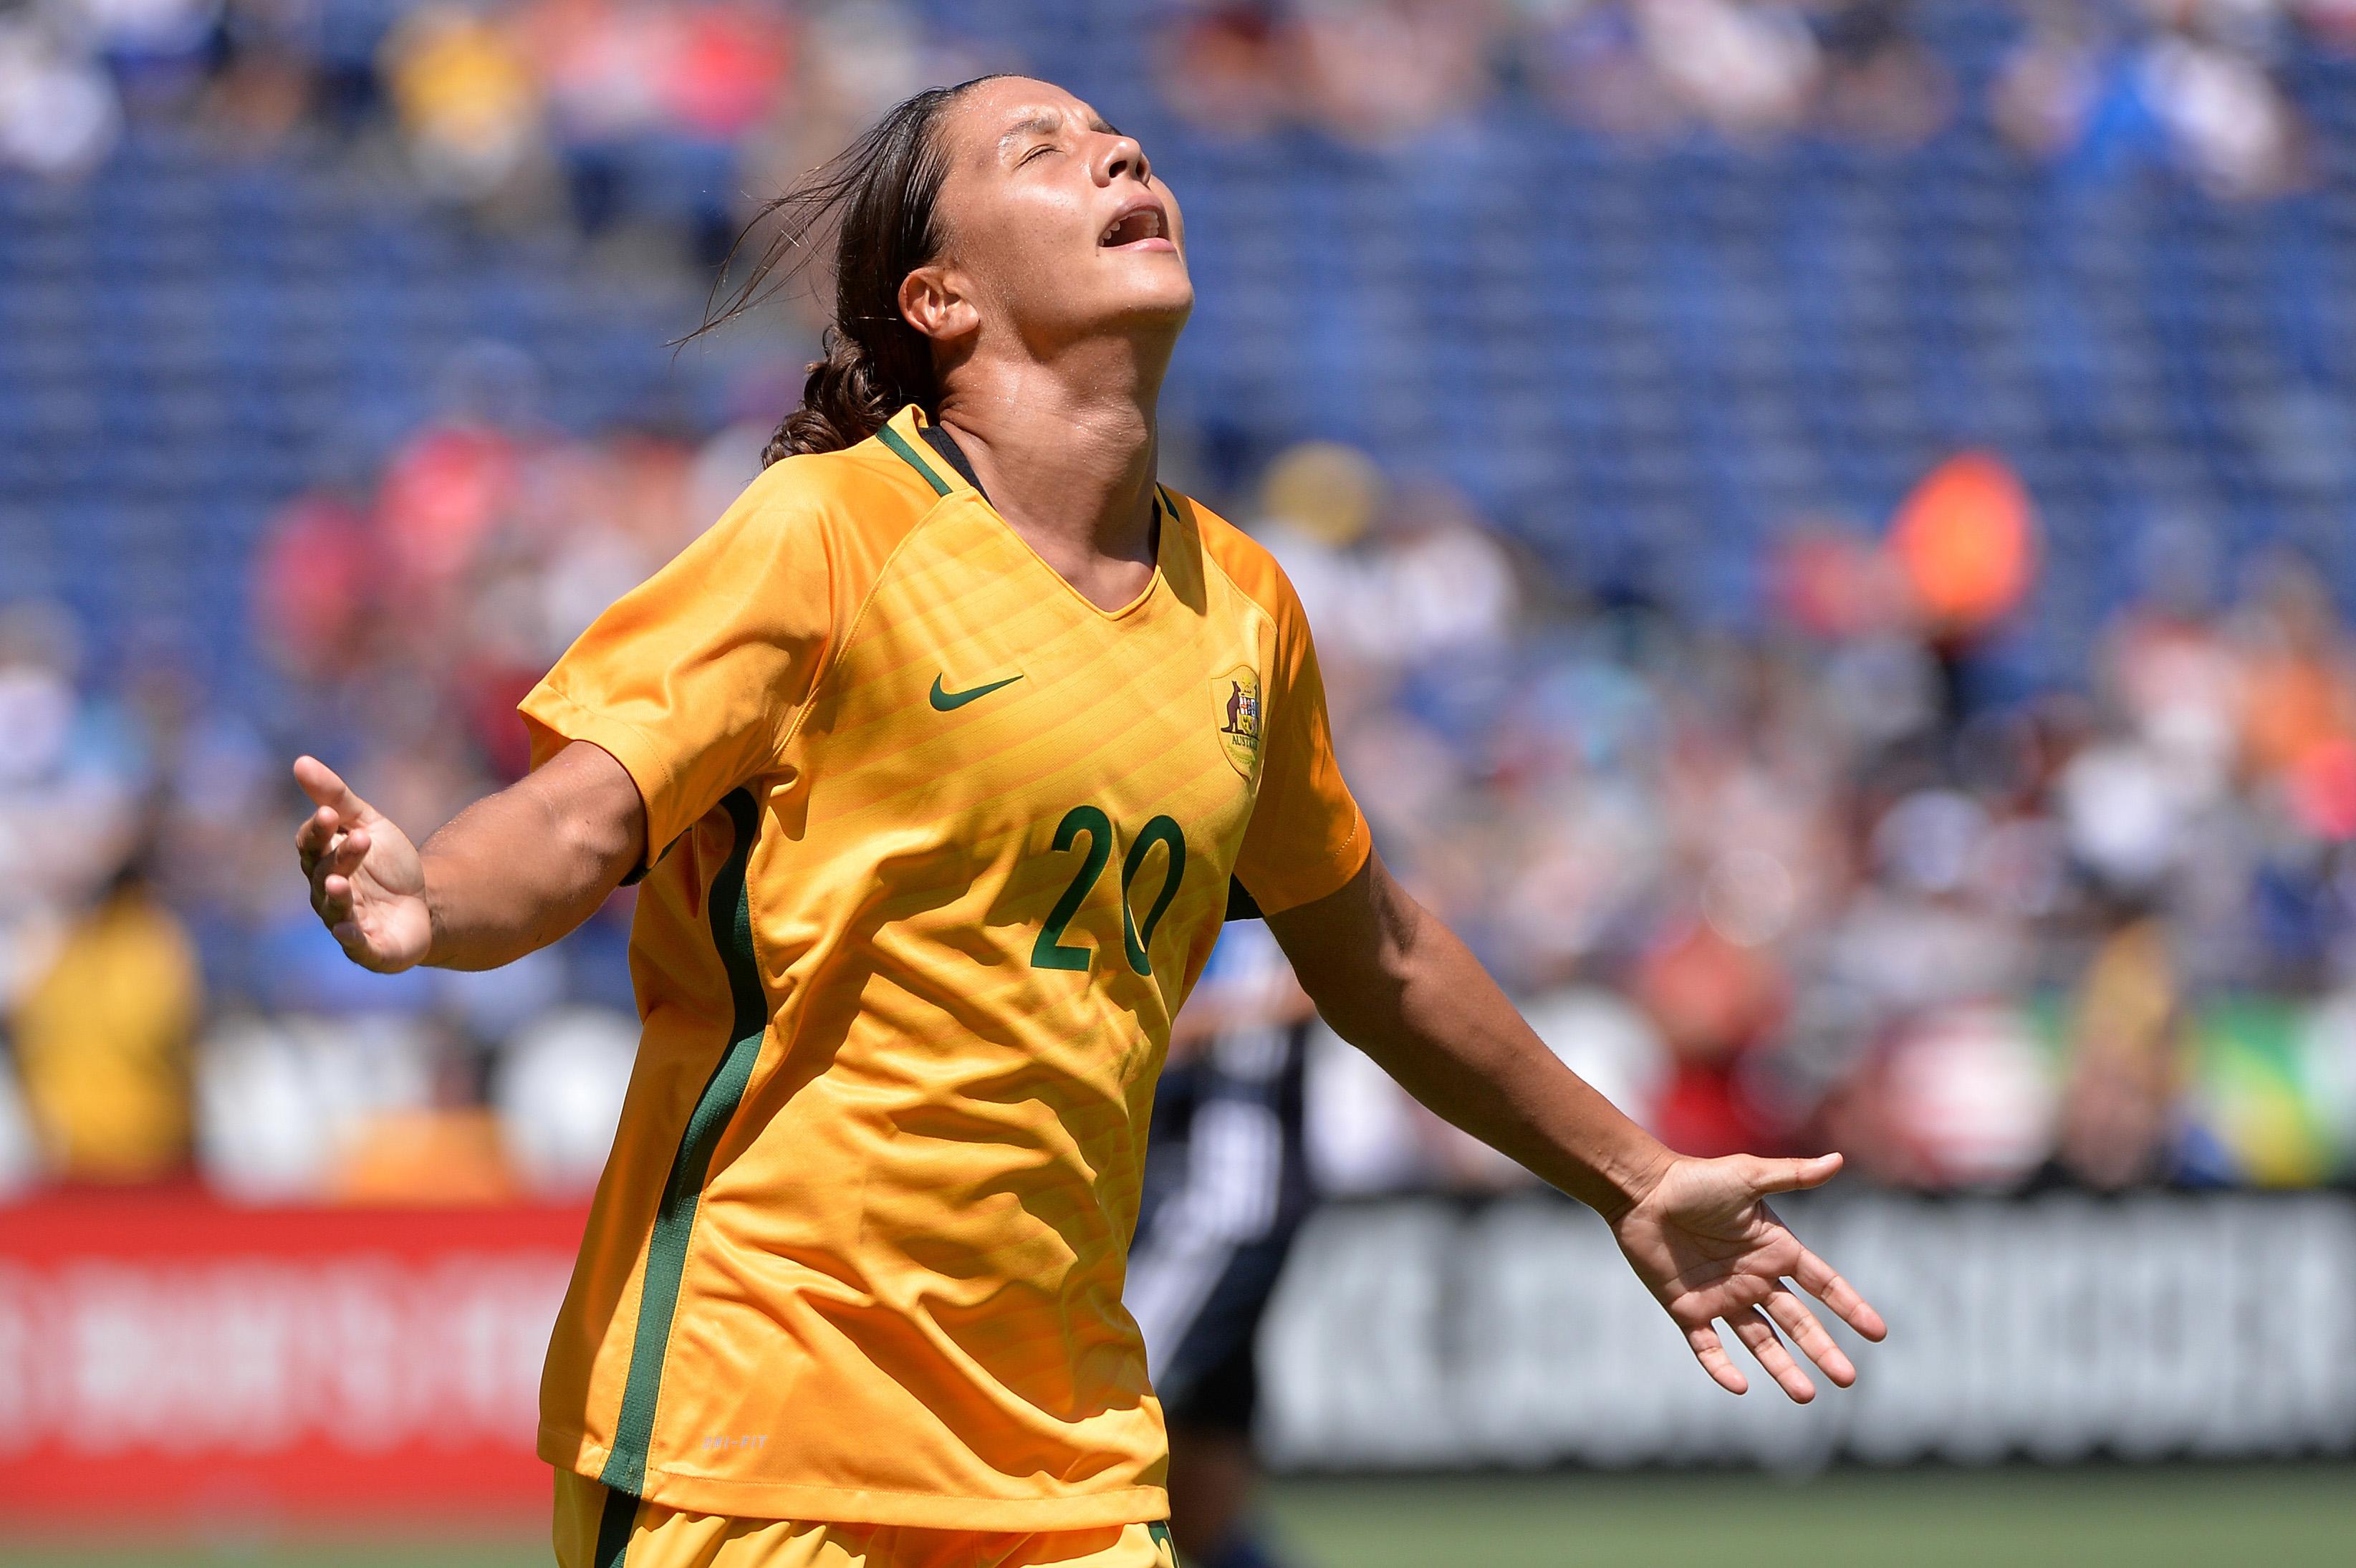 Soccer: Tournament of Nations - Women's Soccer-Australia at Japan